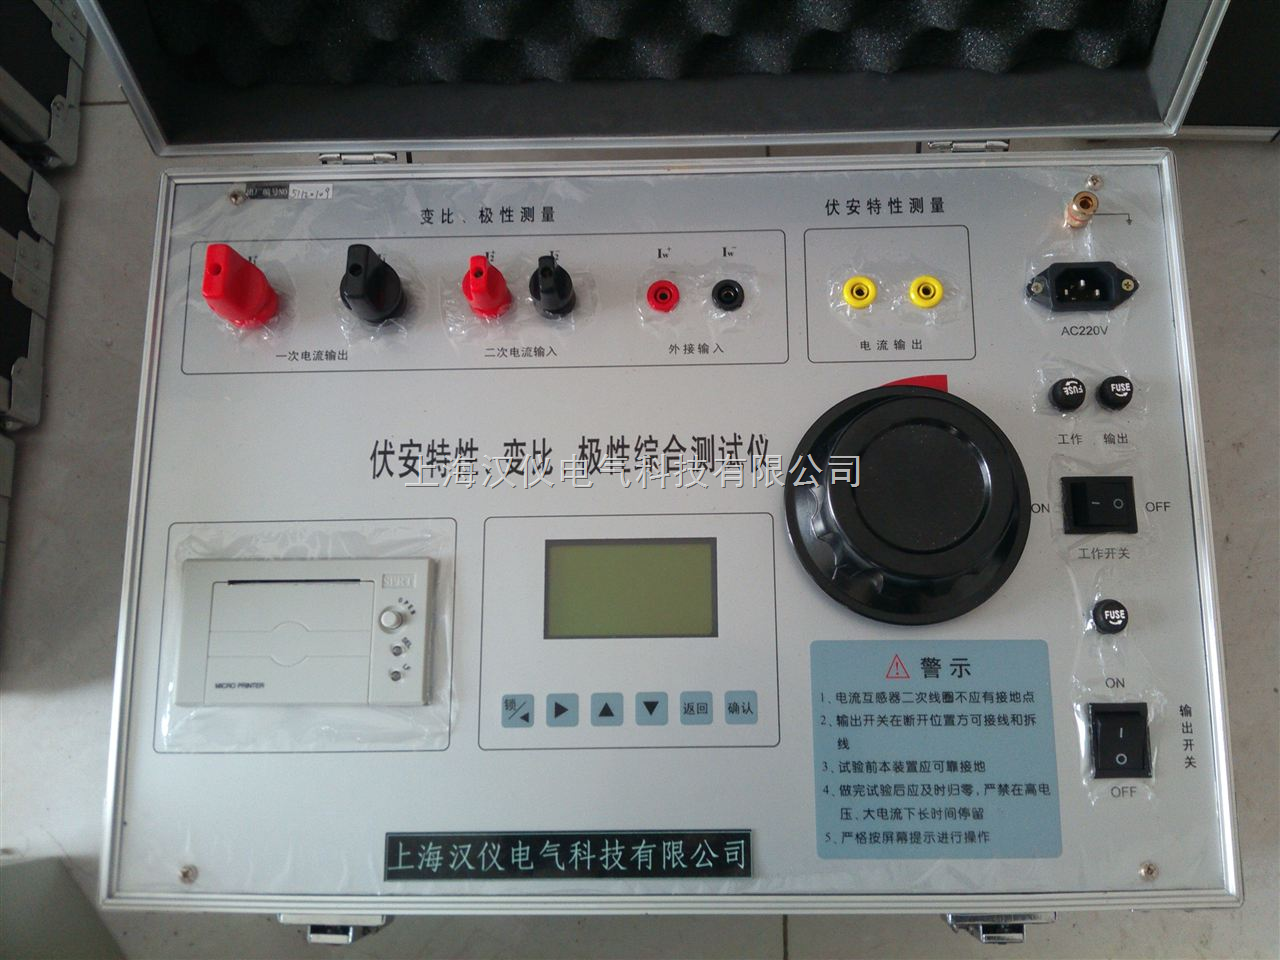 互感器综合测试仪_电子电工仪器_其它_其它仪器仪表